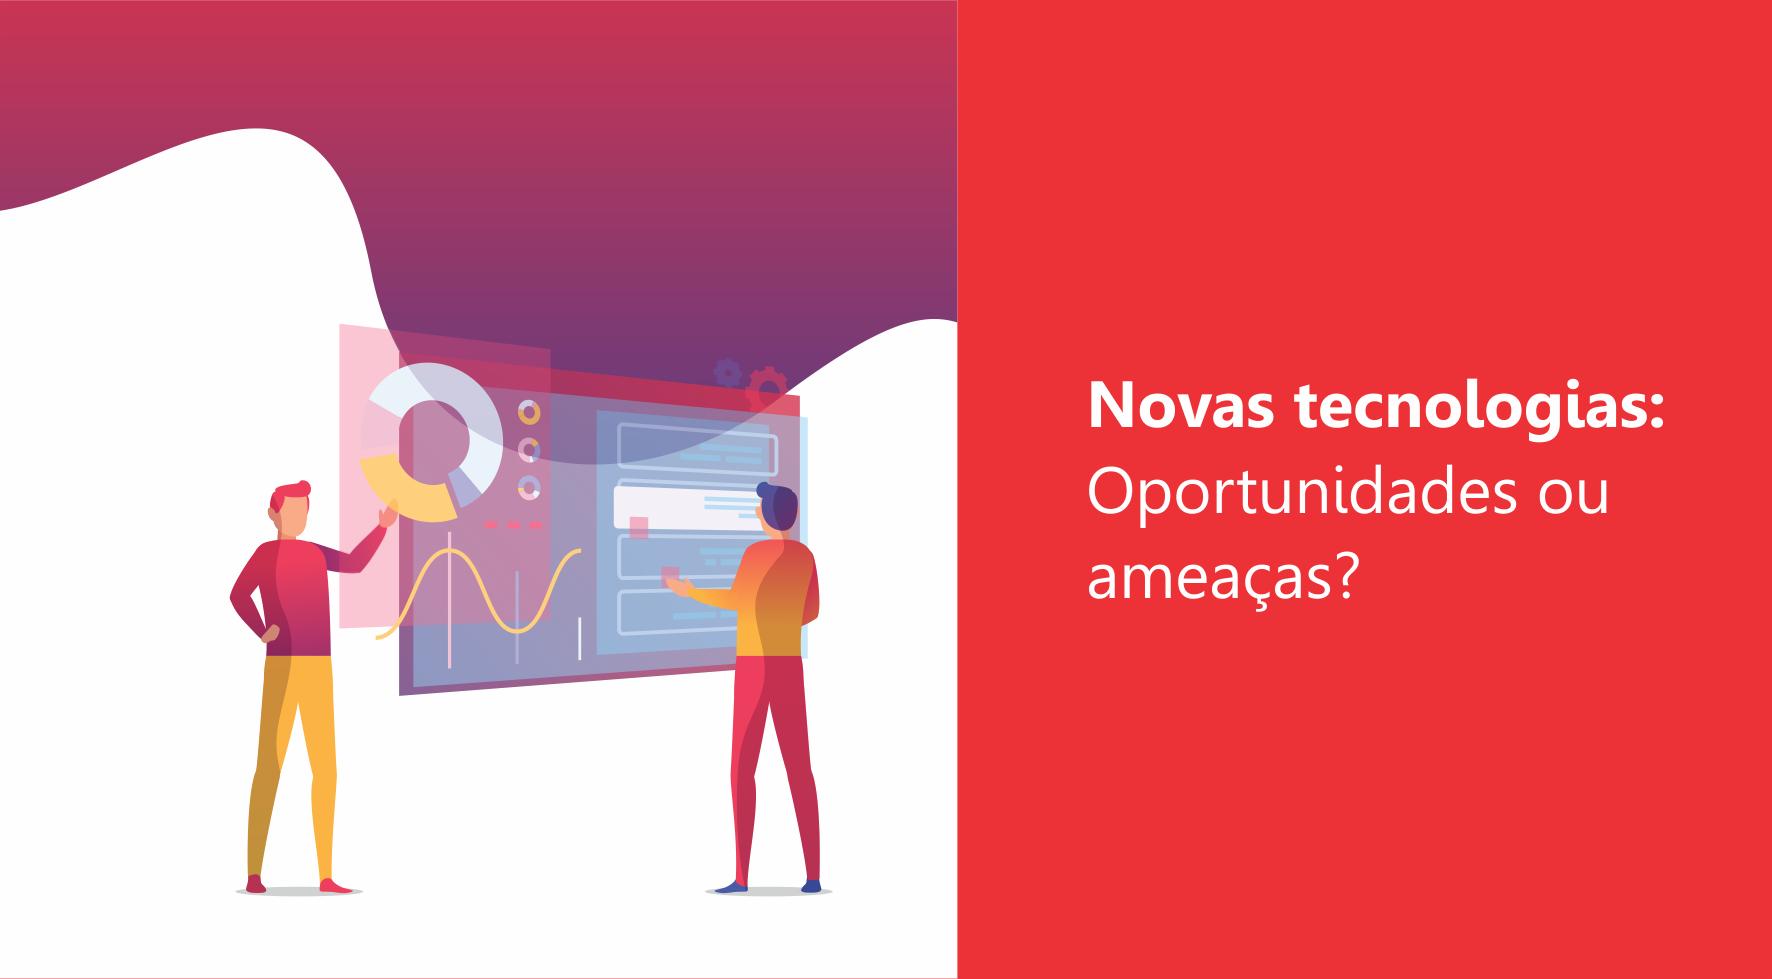 Novas Tecnologias: Oportunidades ou ameaças?